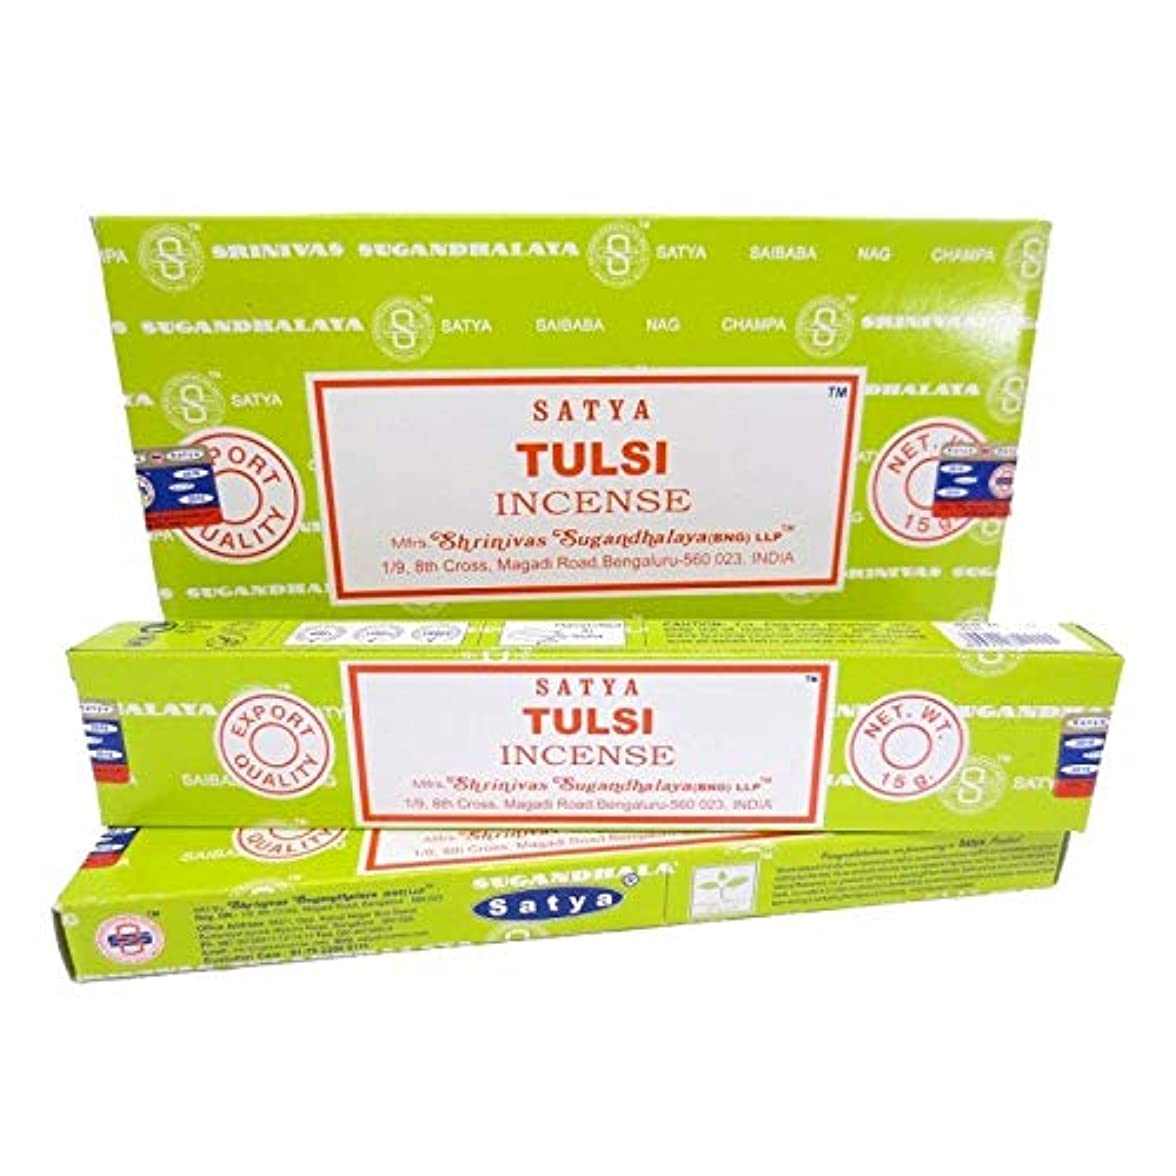 叫び声九時四十五分ブラインドSatya Incense 1箱に12個の人気の香り - スティック(Tulsi)